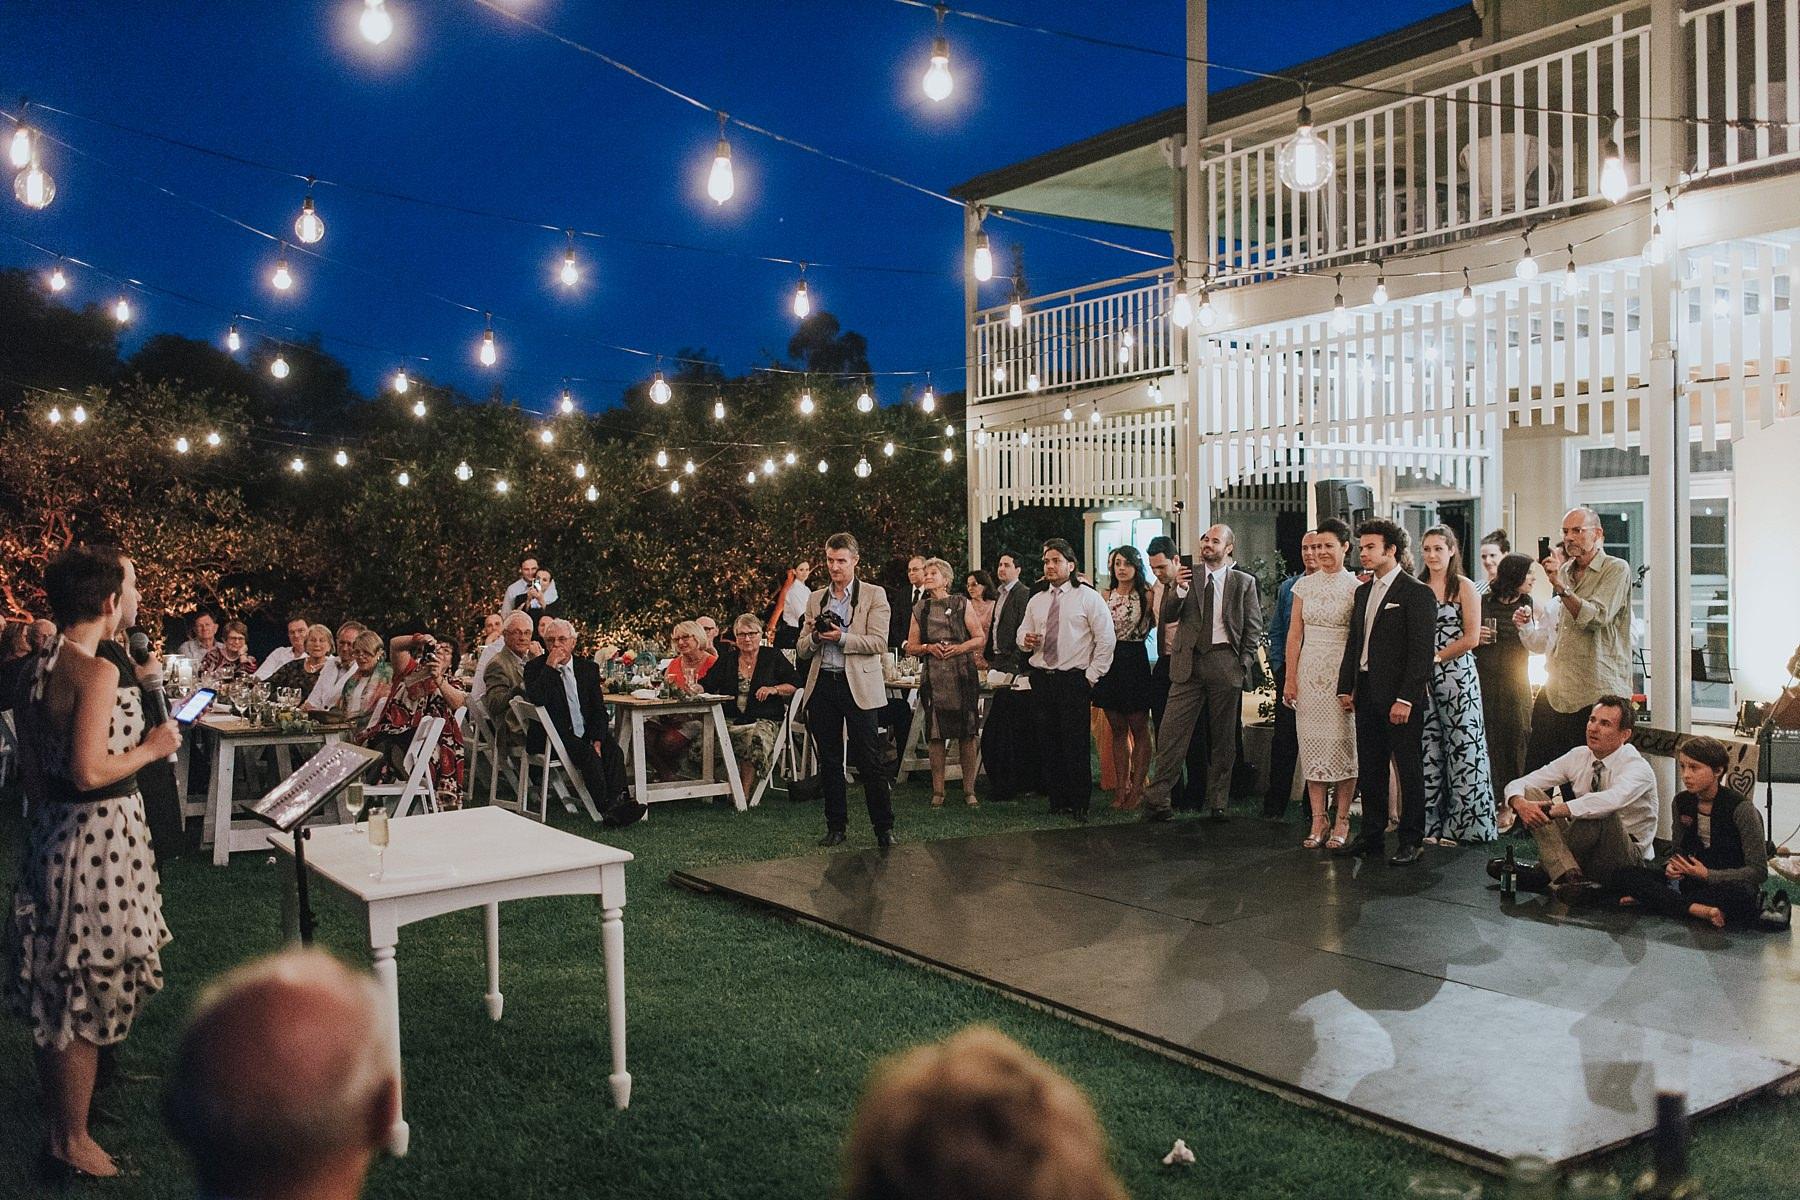 wedding reception at cornwallis house by jonathan david